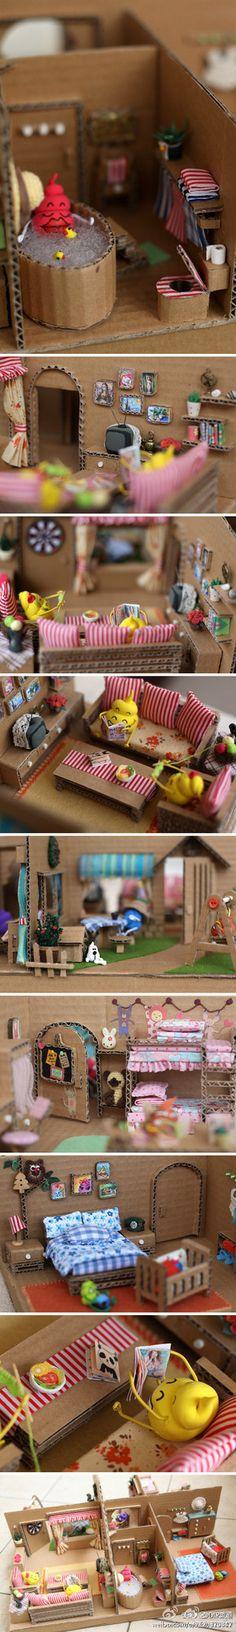 参展的迷你小物便便的温馨家园,很精致很可爱,作者真有才 - 堆糖 发现生活_收集美好_分享图片